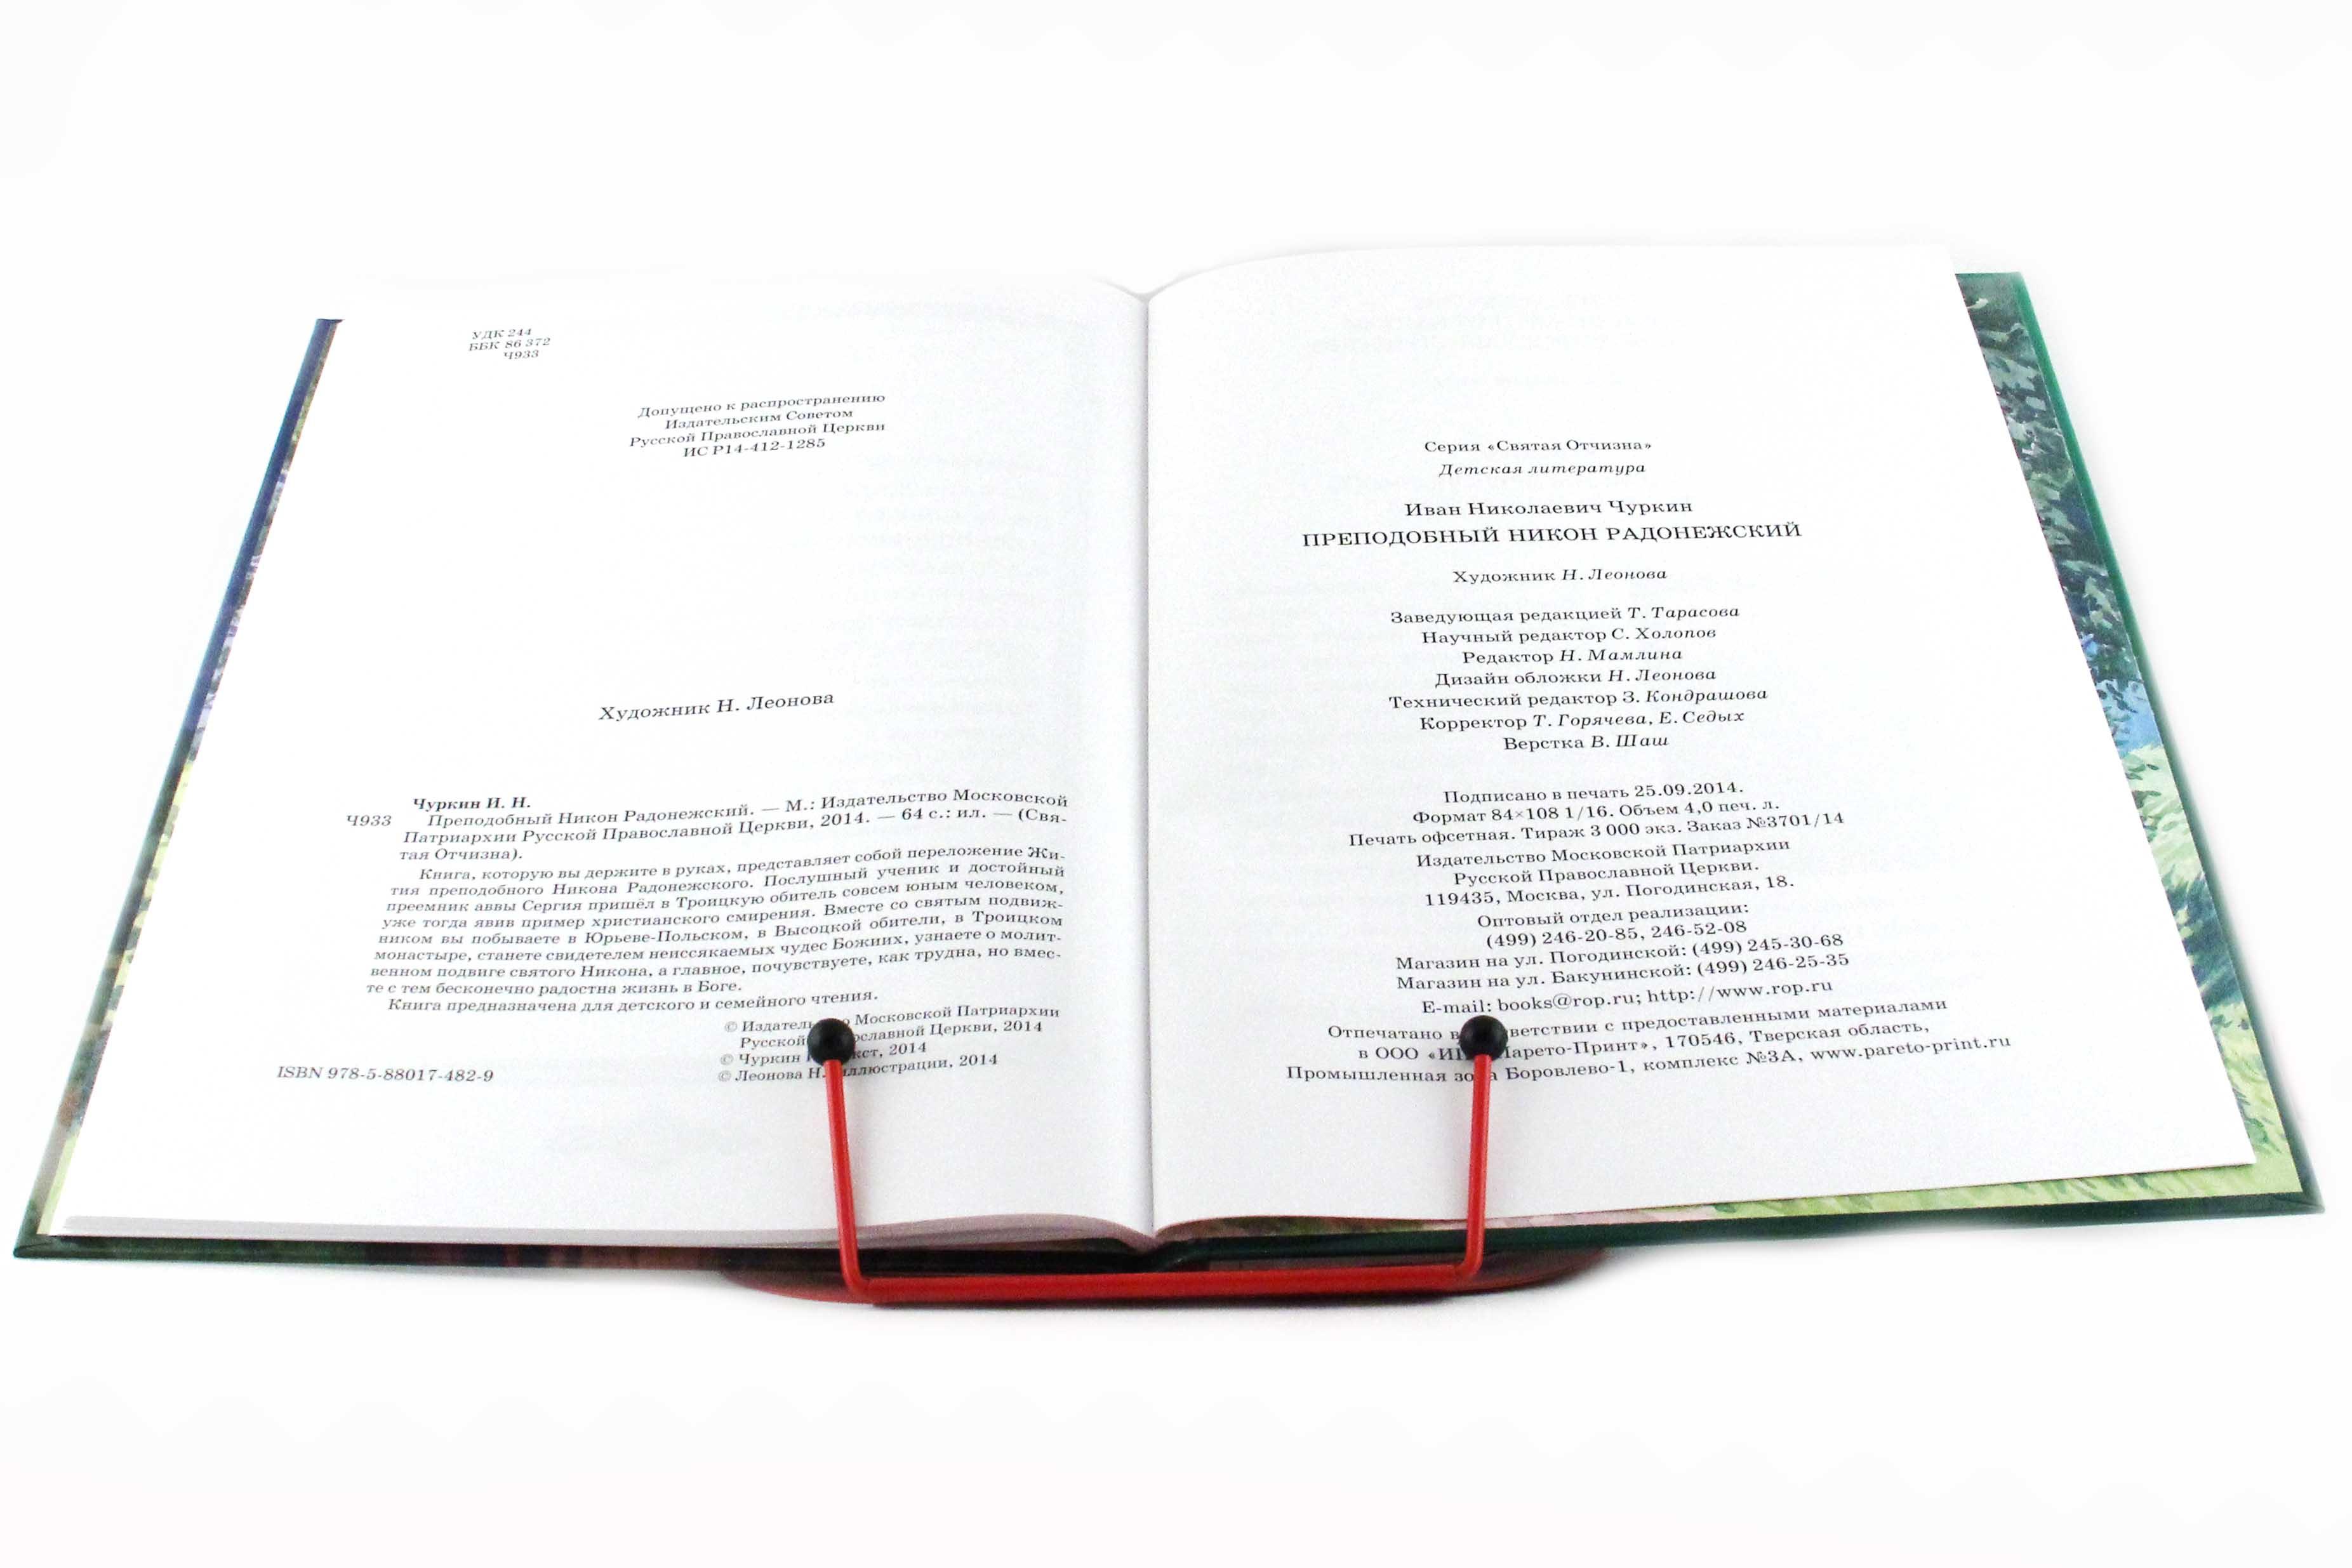 школе московские издательства печать и реализация книг быстро